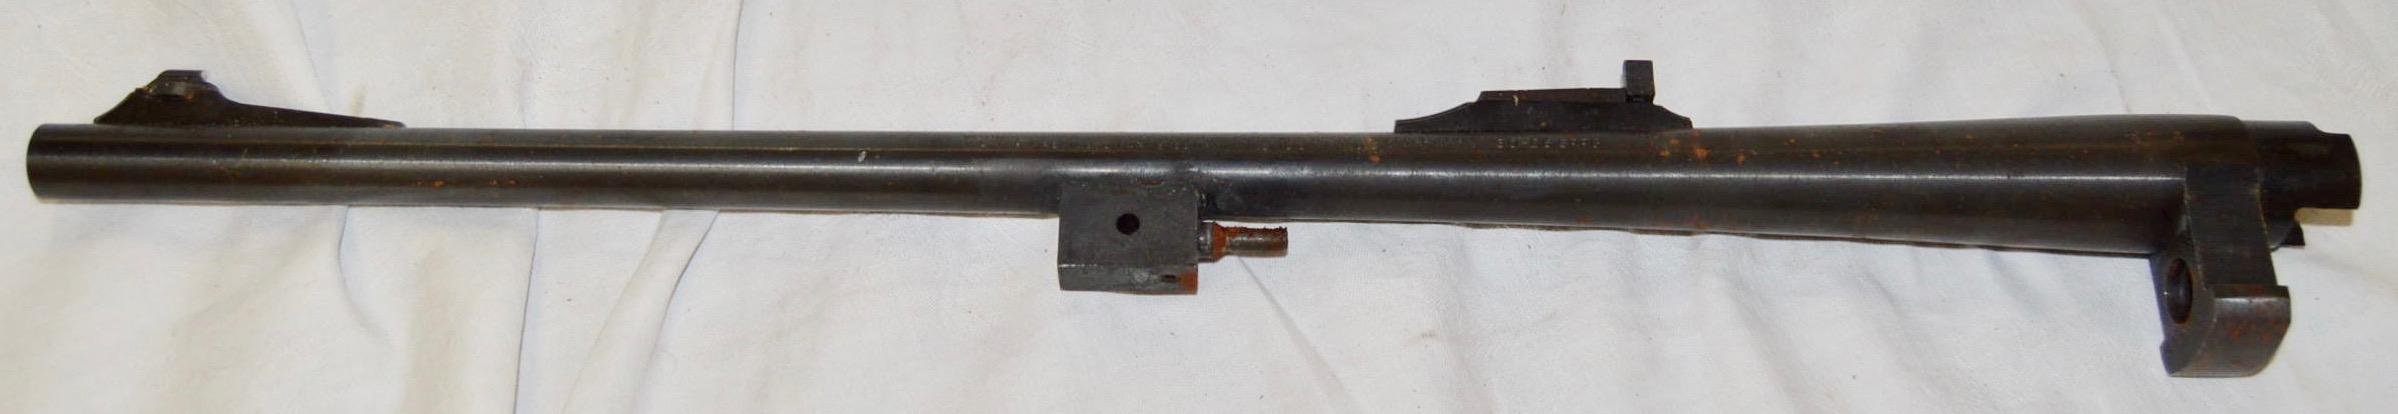 DSC 0055